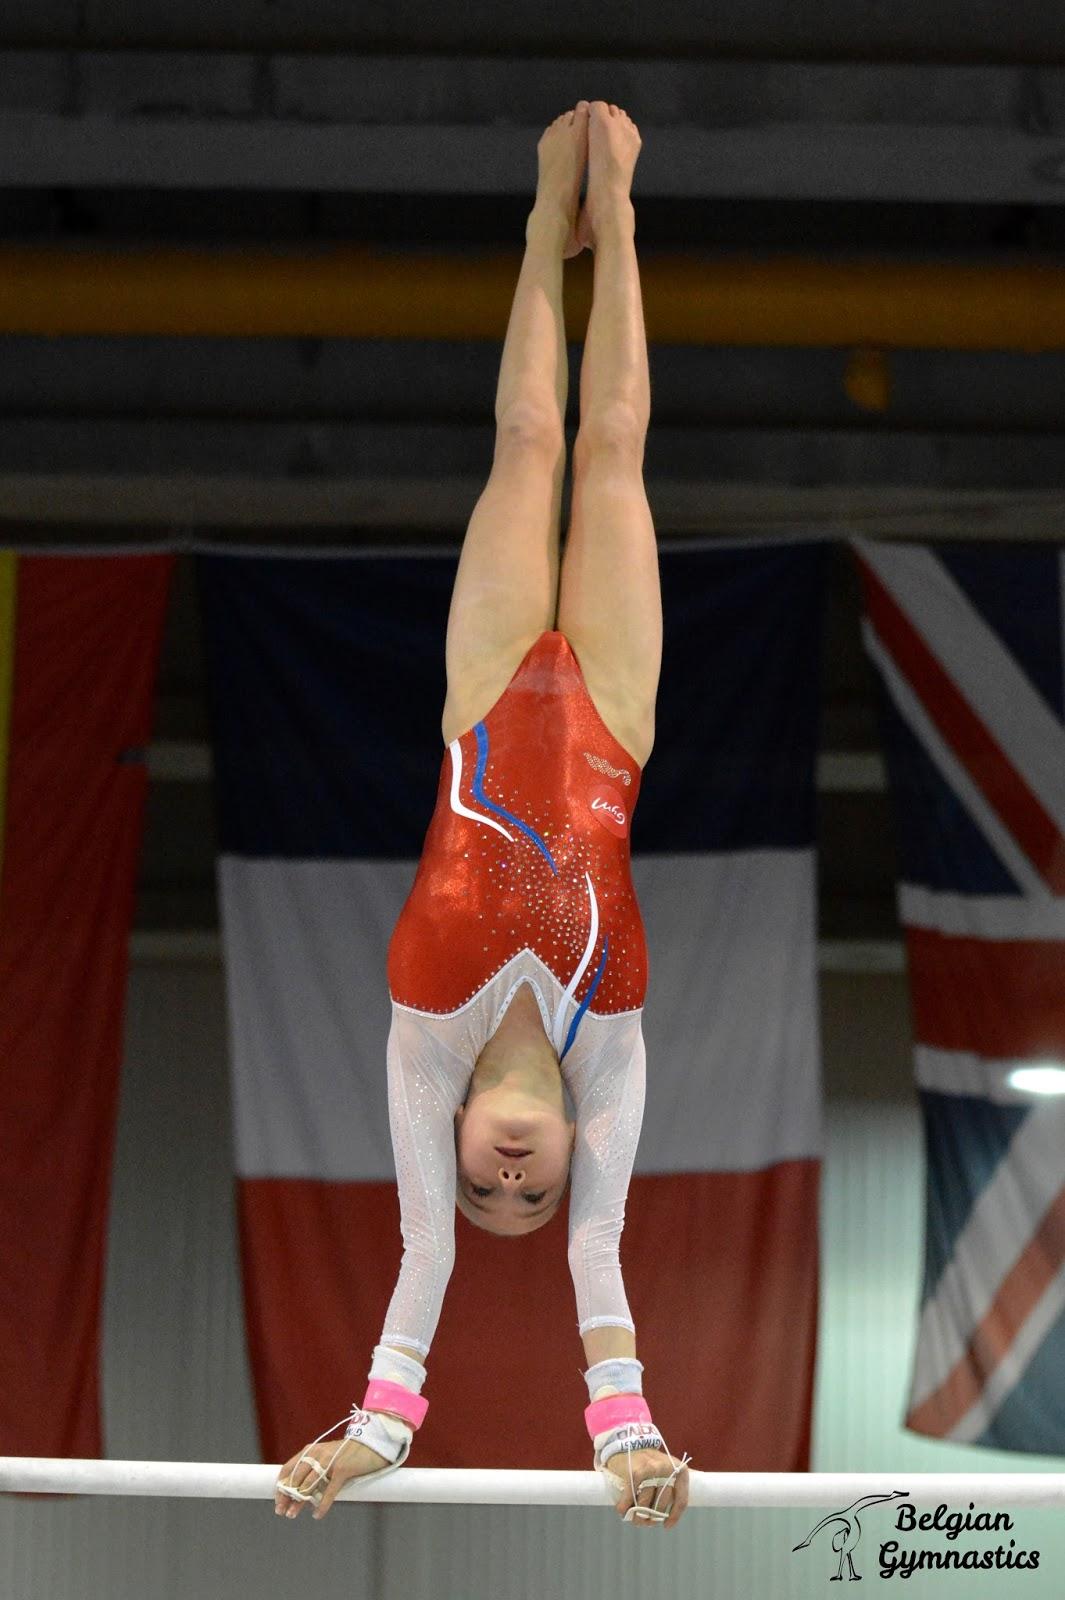 Belgian Gymnastics Novembre 2017